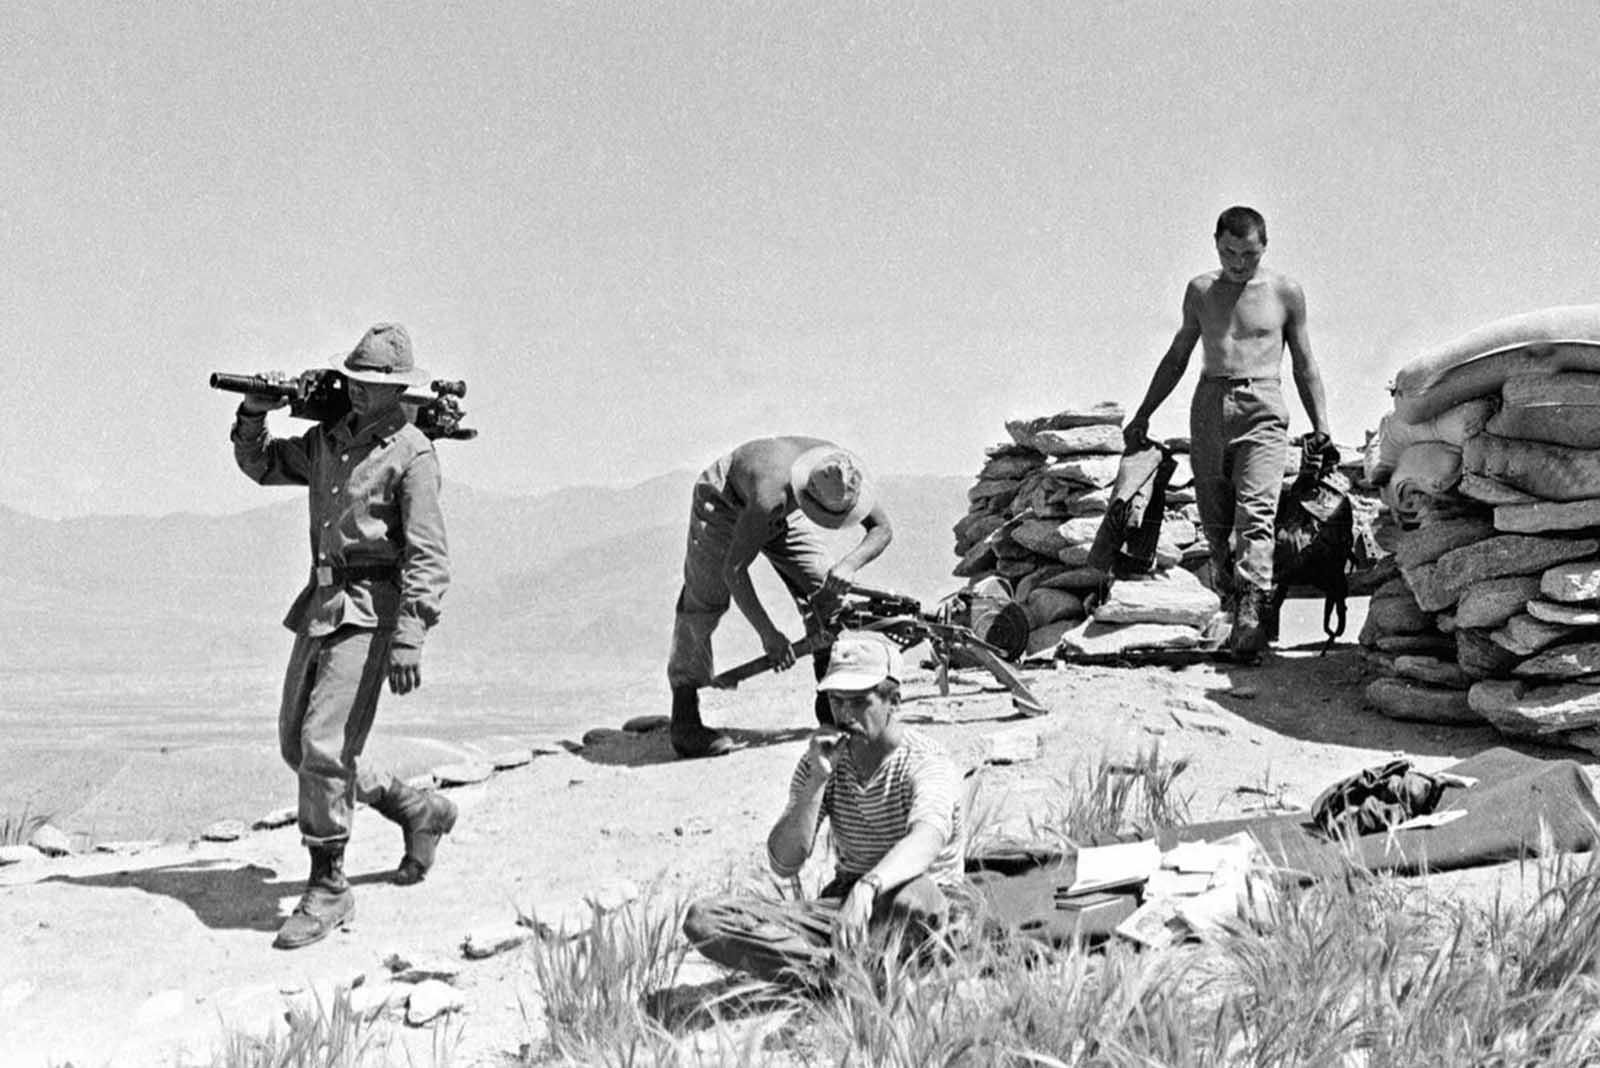 soldats soviétiques Soviet_war_in_afghanistan_in_pictures-8-jpg